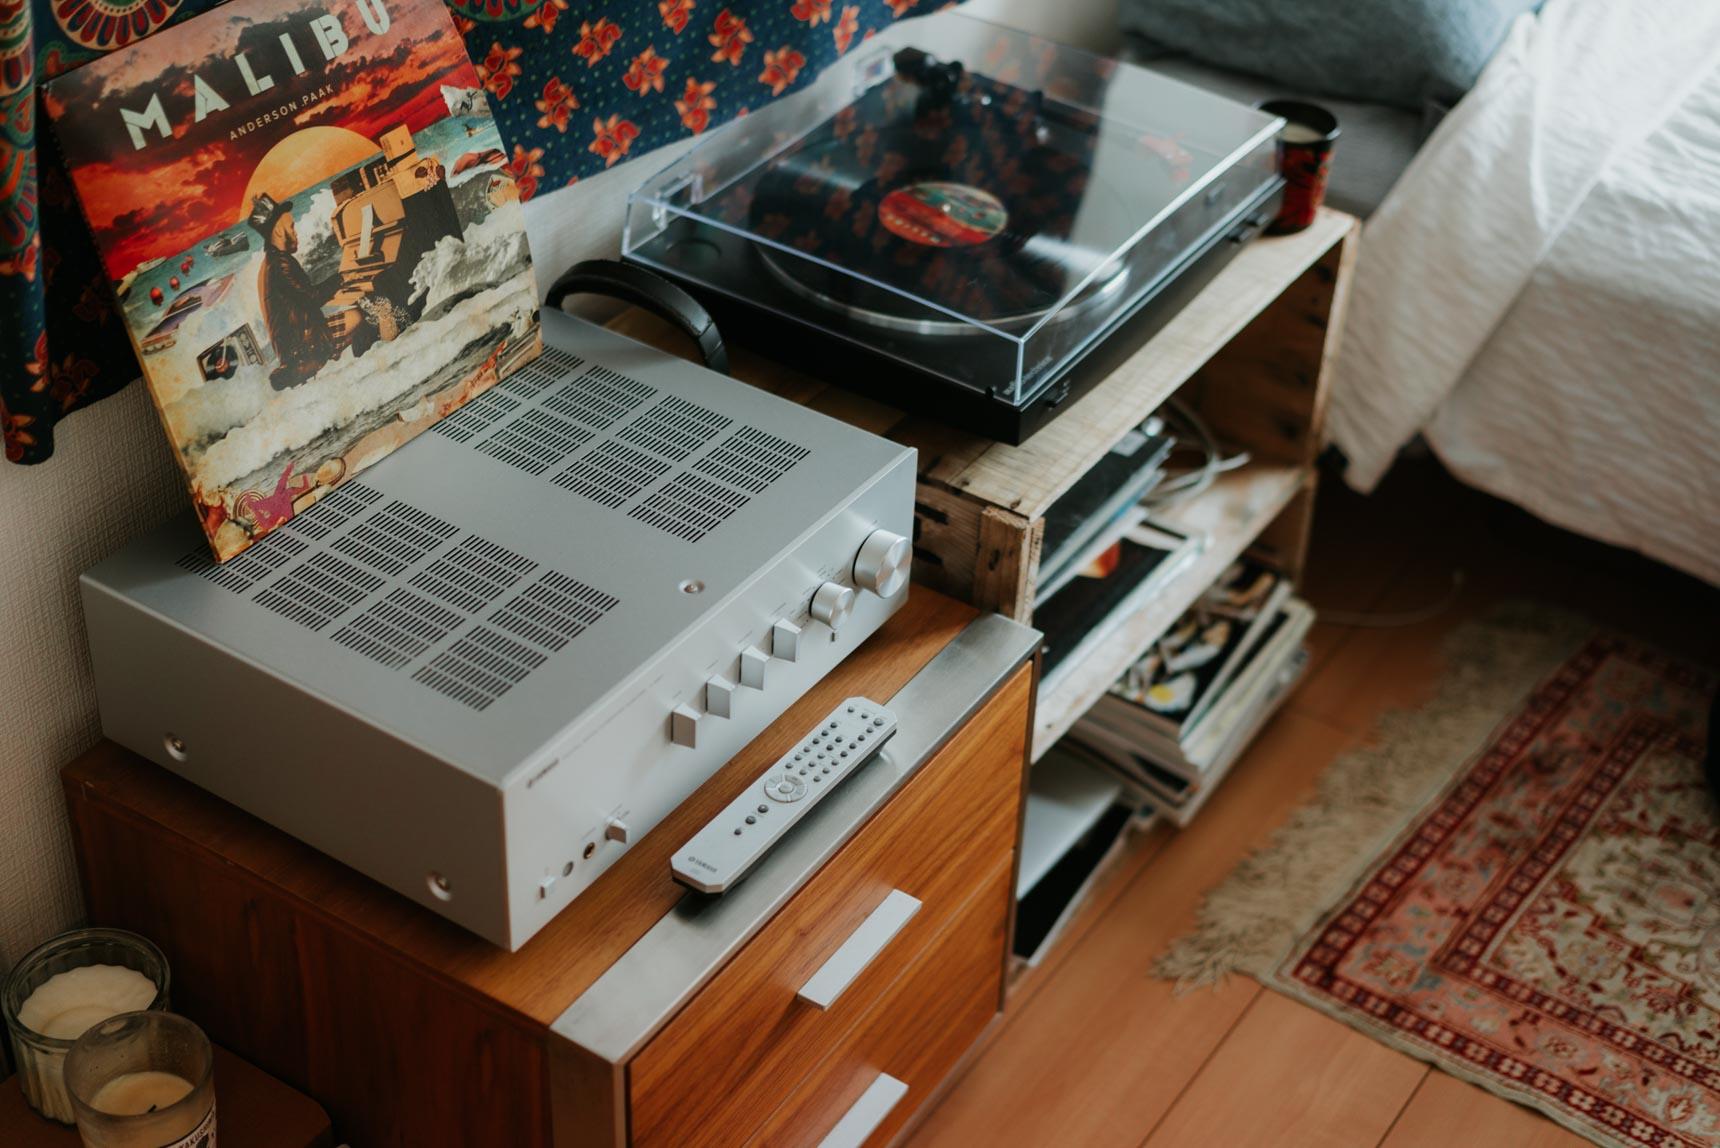 プレーヤーをのせ、レコードを入れるのにもぴったりの木箱はARKESTRA(https://www.arkestra.co.jp/)のフリーマーケットで手に入れたもの。